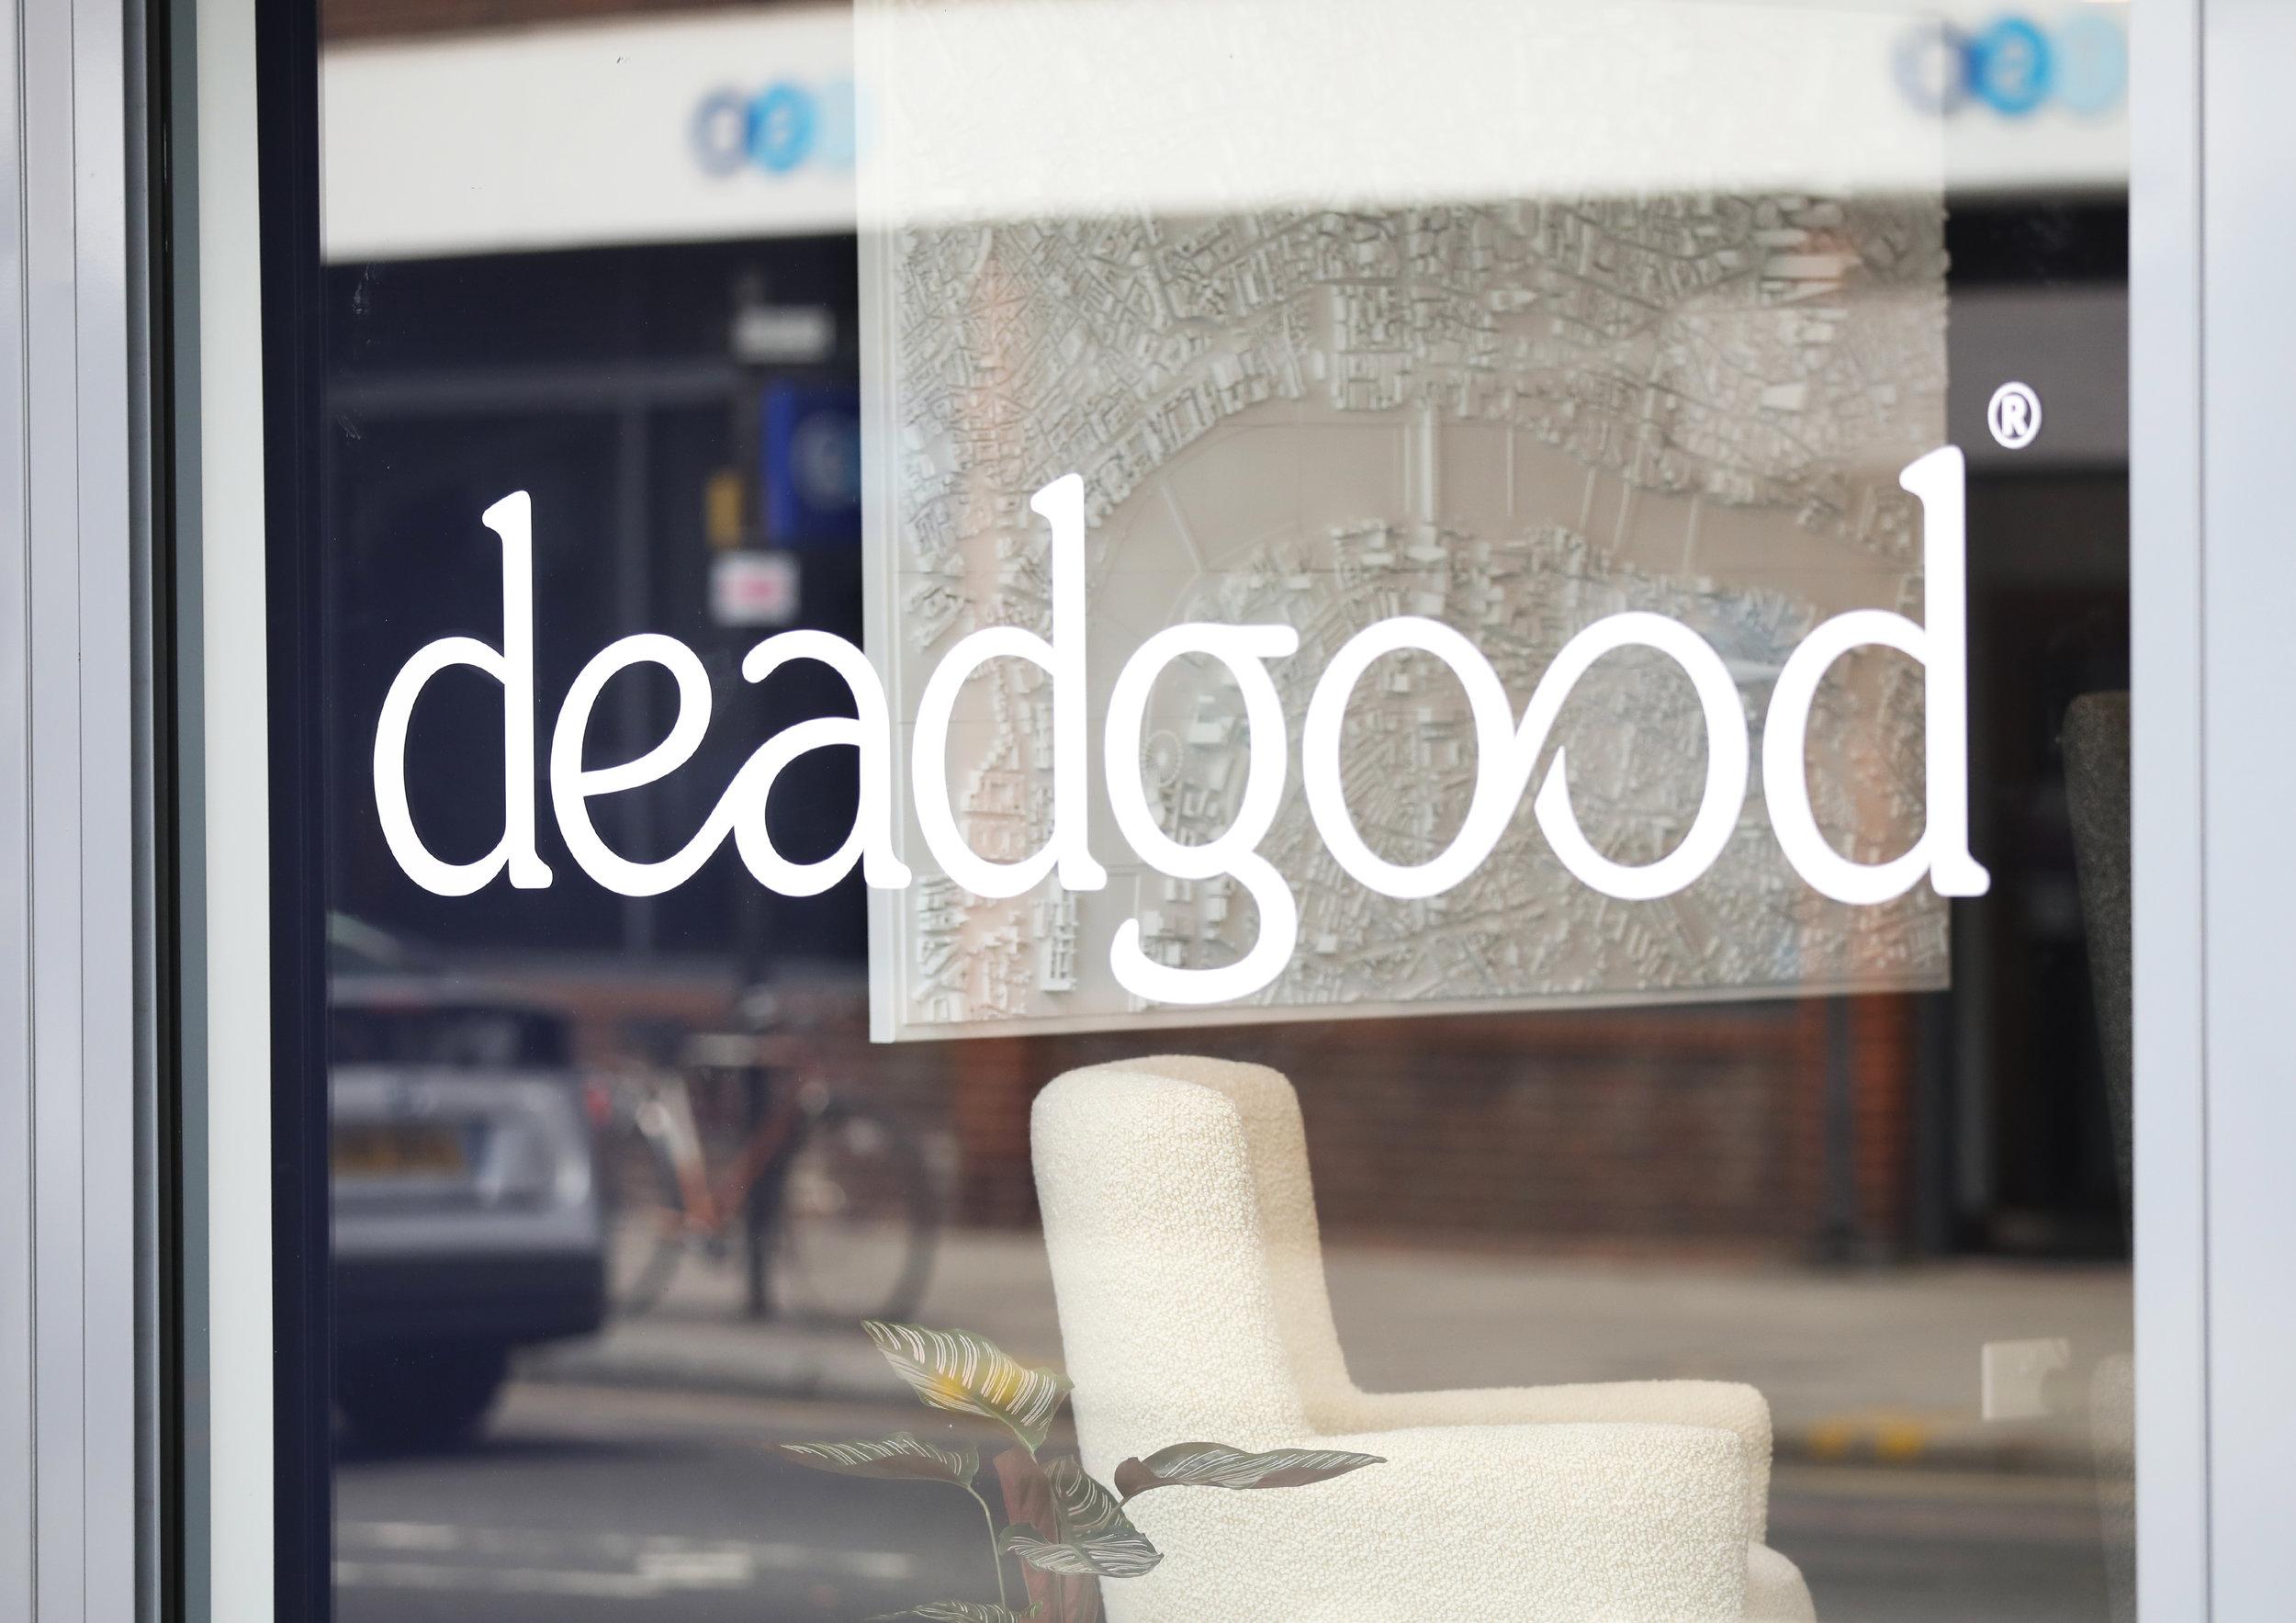 Deadgood Showroom Window.jpg